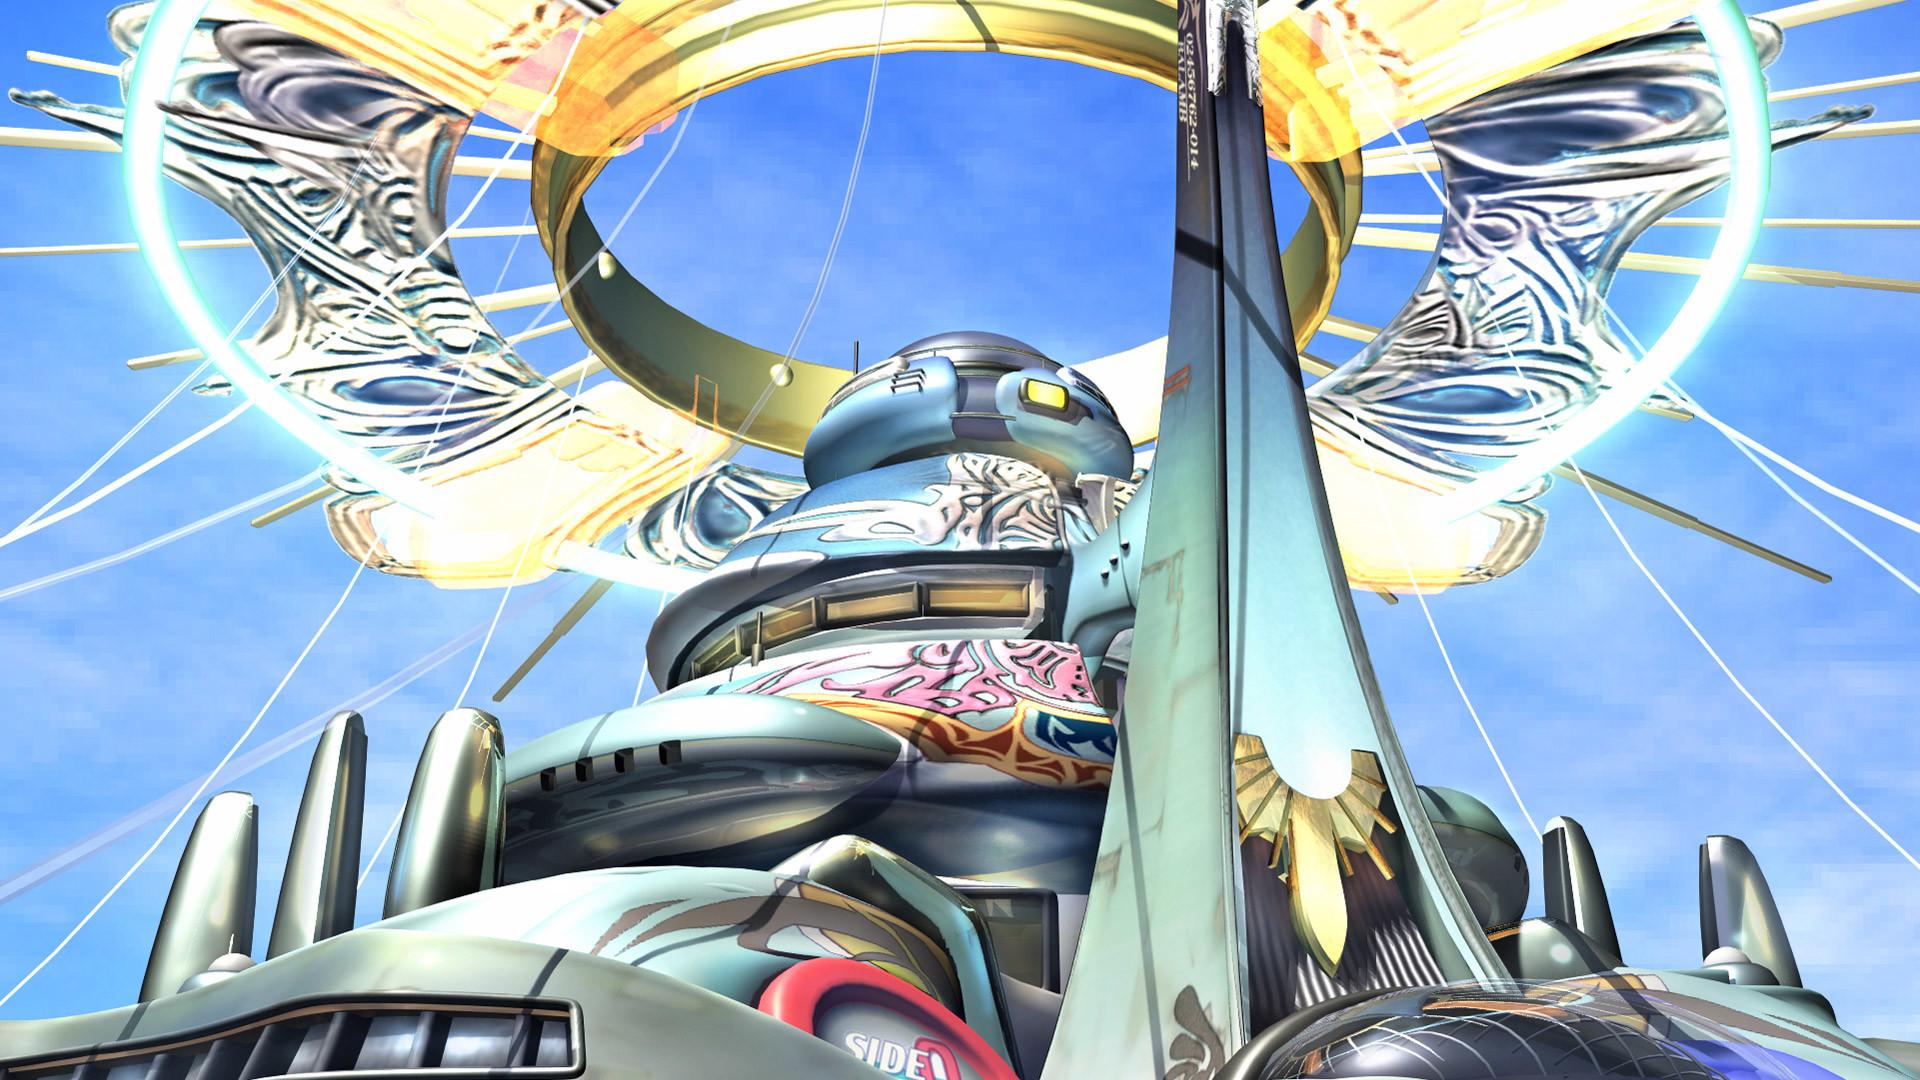 Free Final Fantasy VIII Wallpaper in 1920×1080